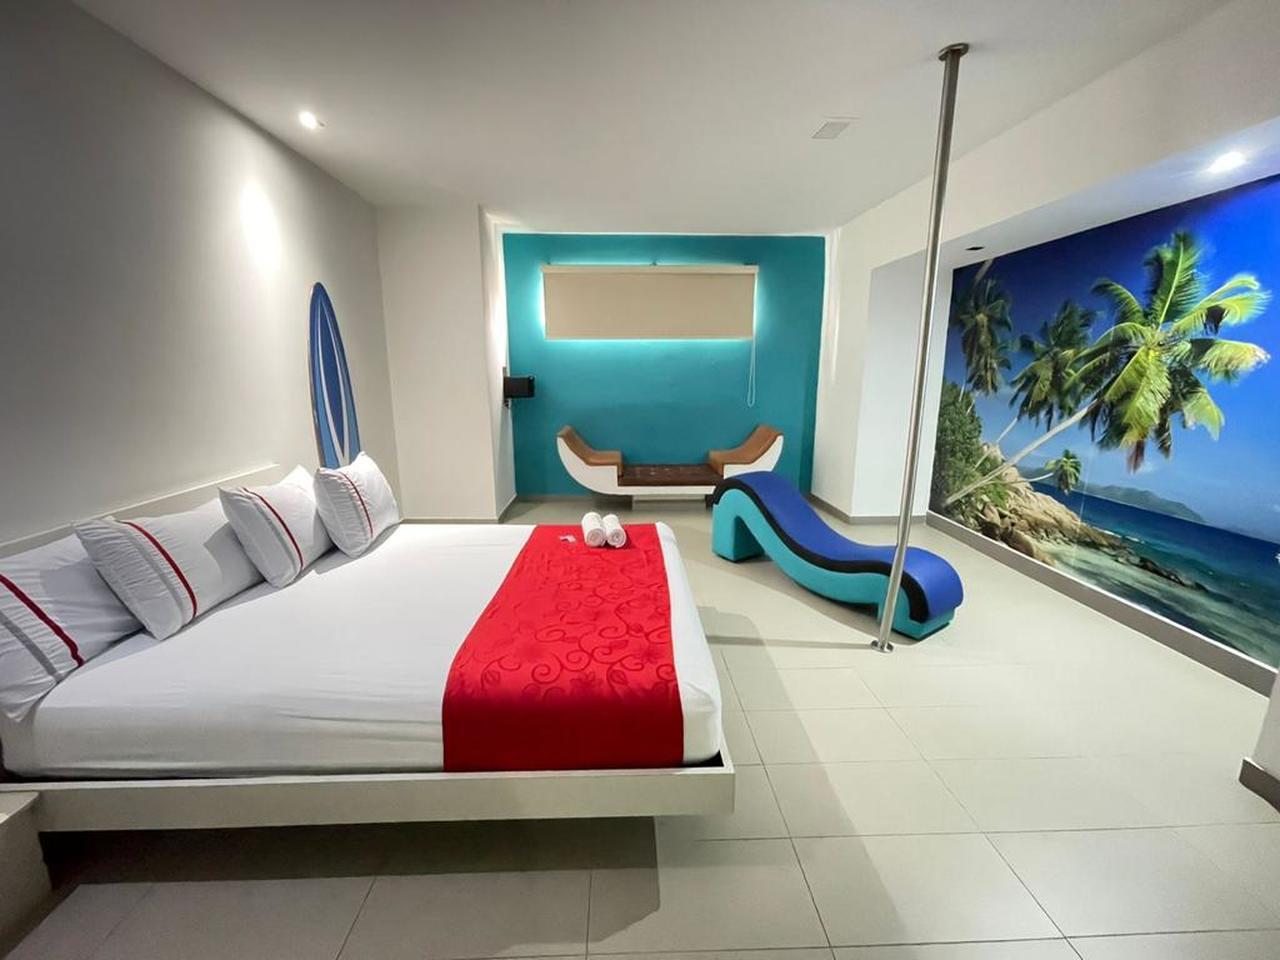 Habitación Sencilla en Romantic Suites  : MotelNow